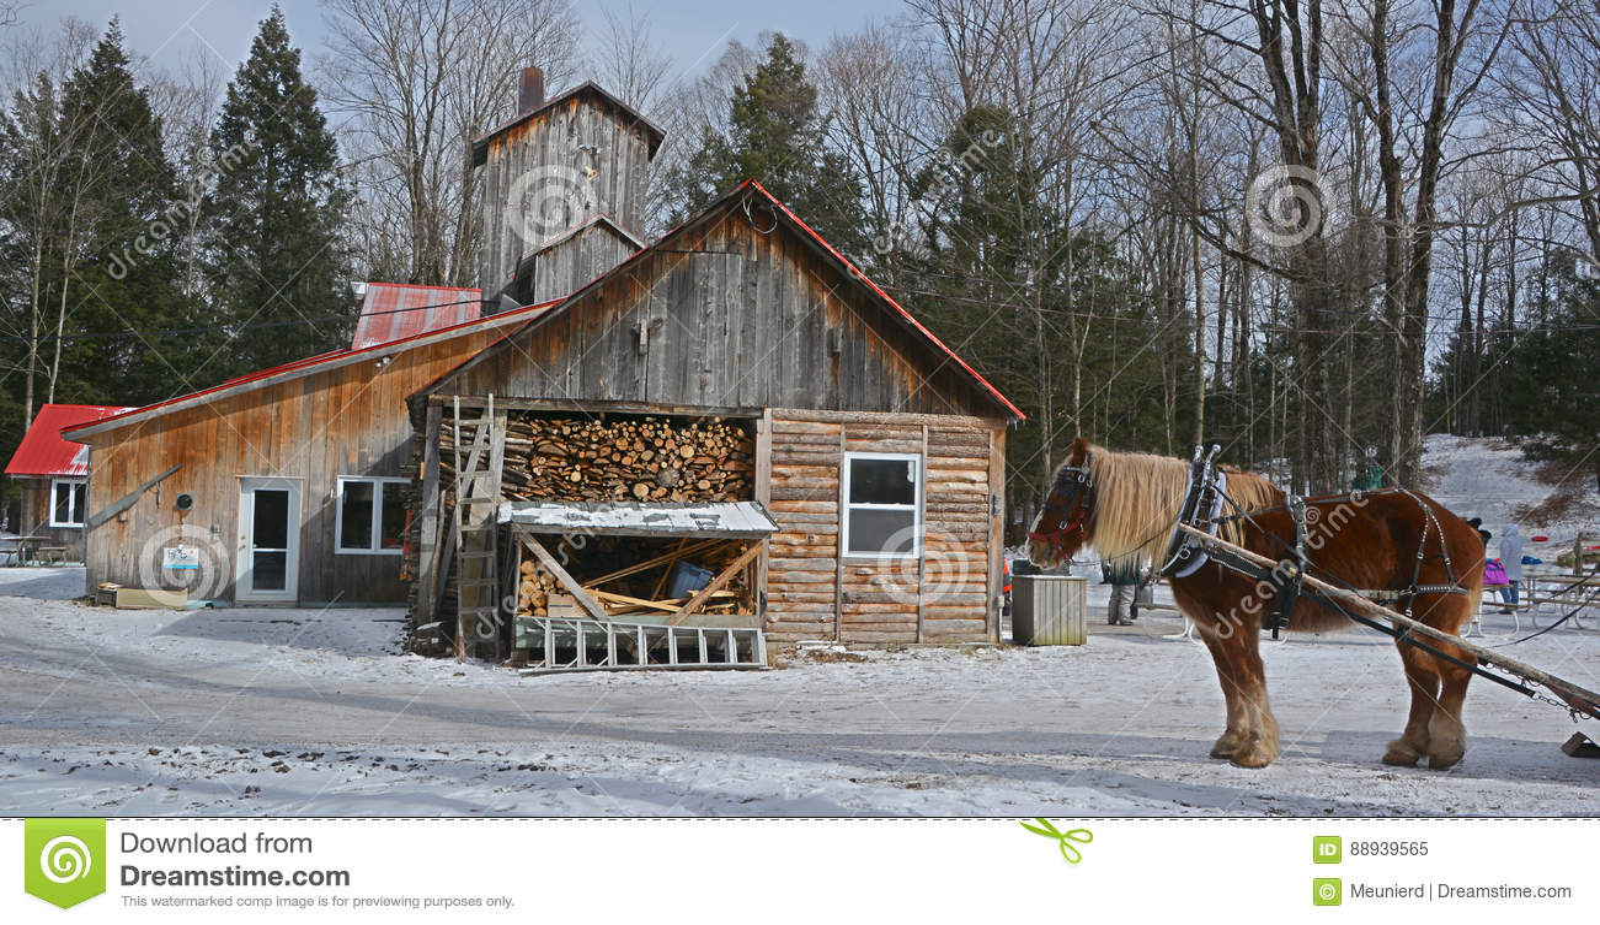 Sugar shacks